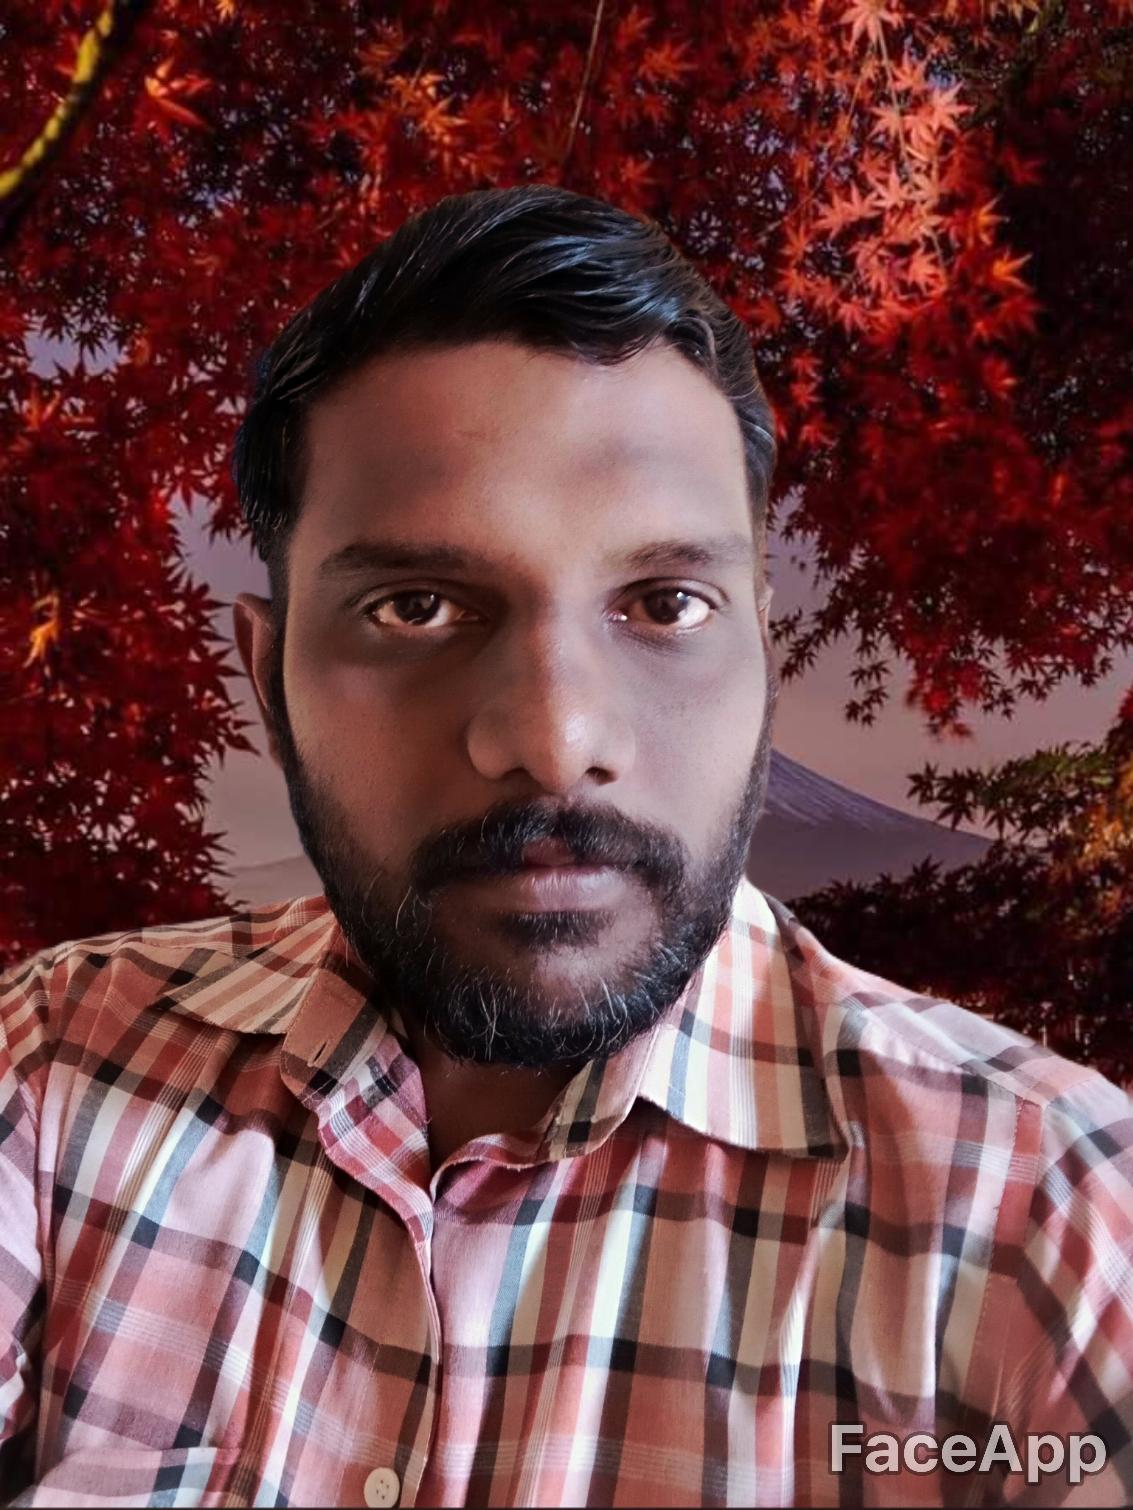 FaceApp_1564364195163.jpg